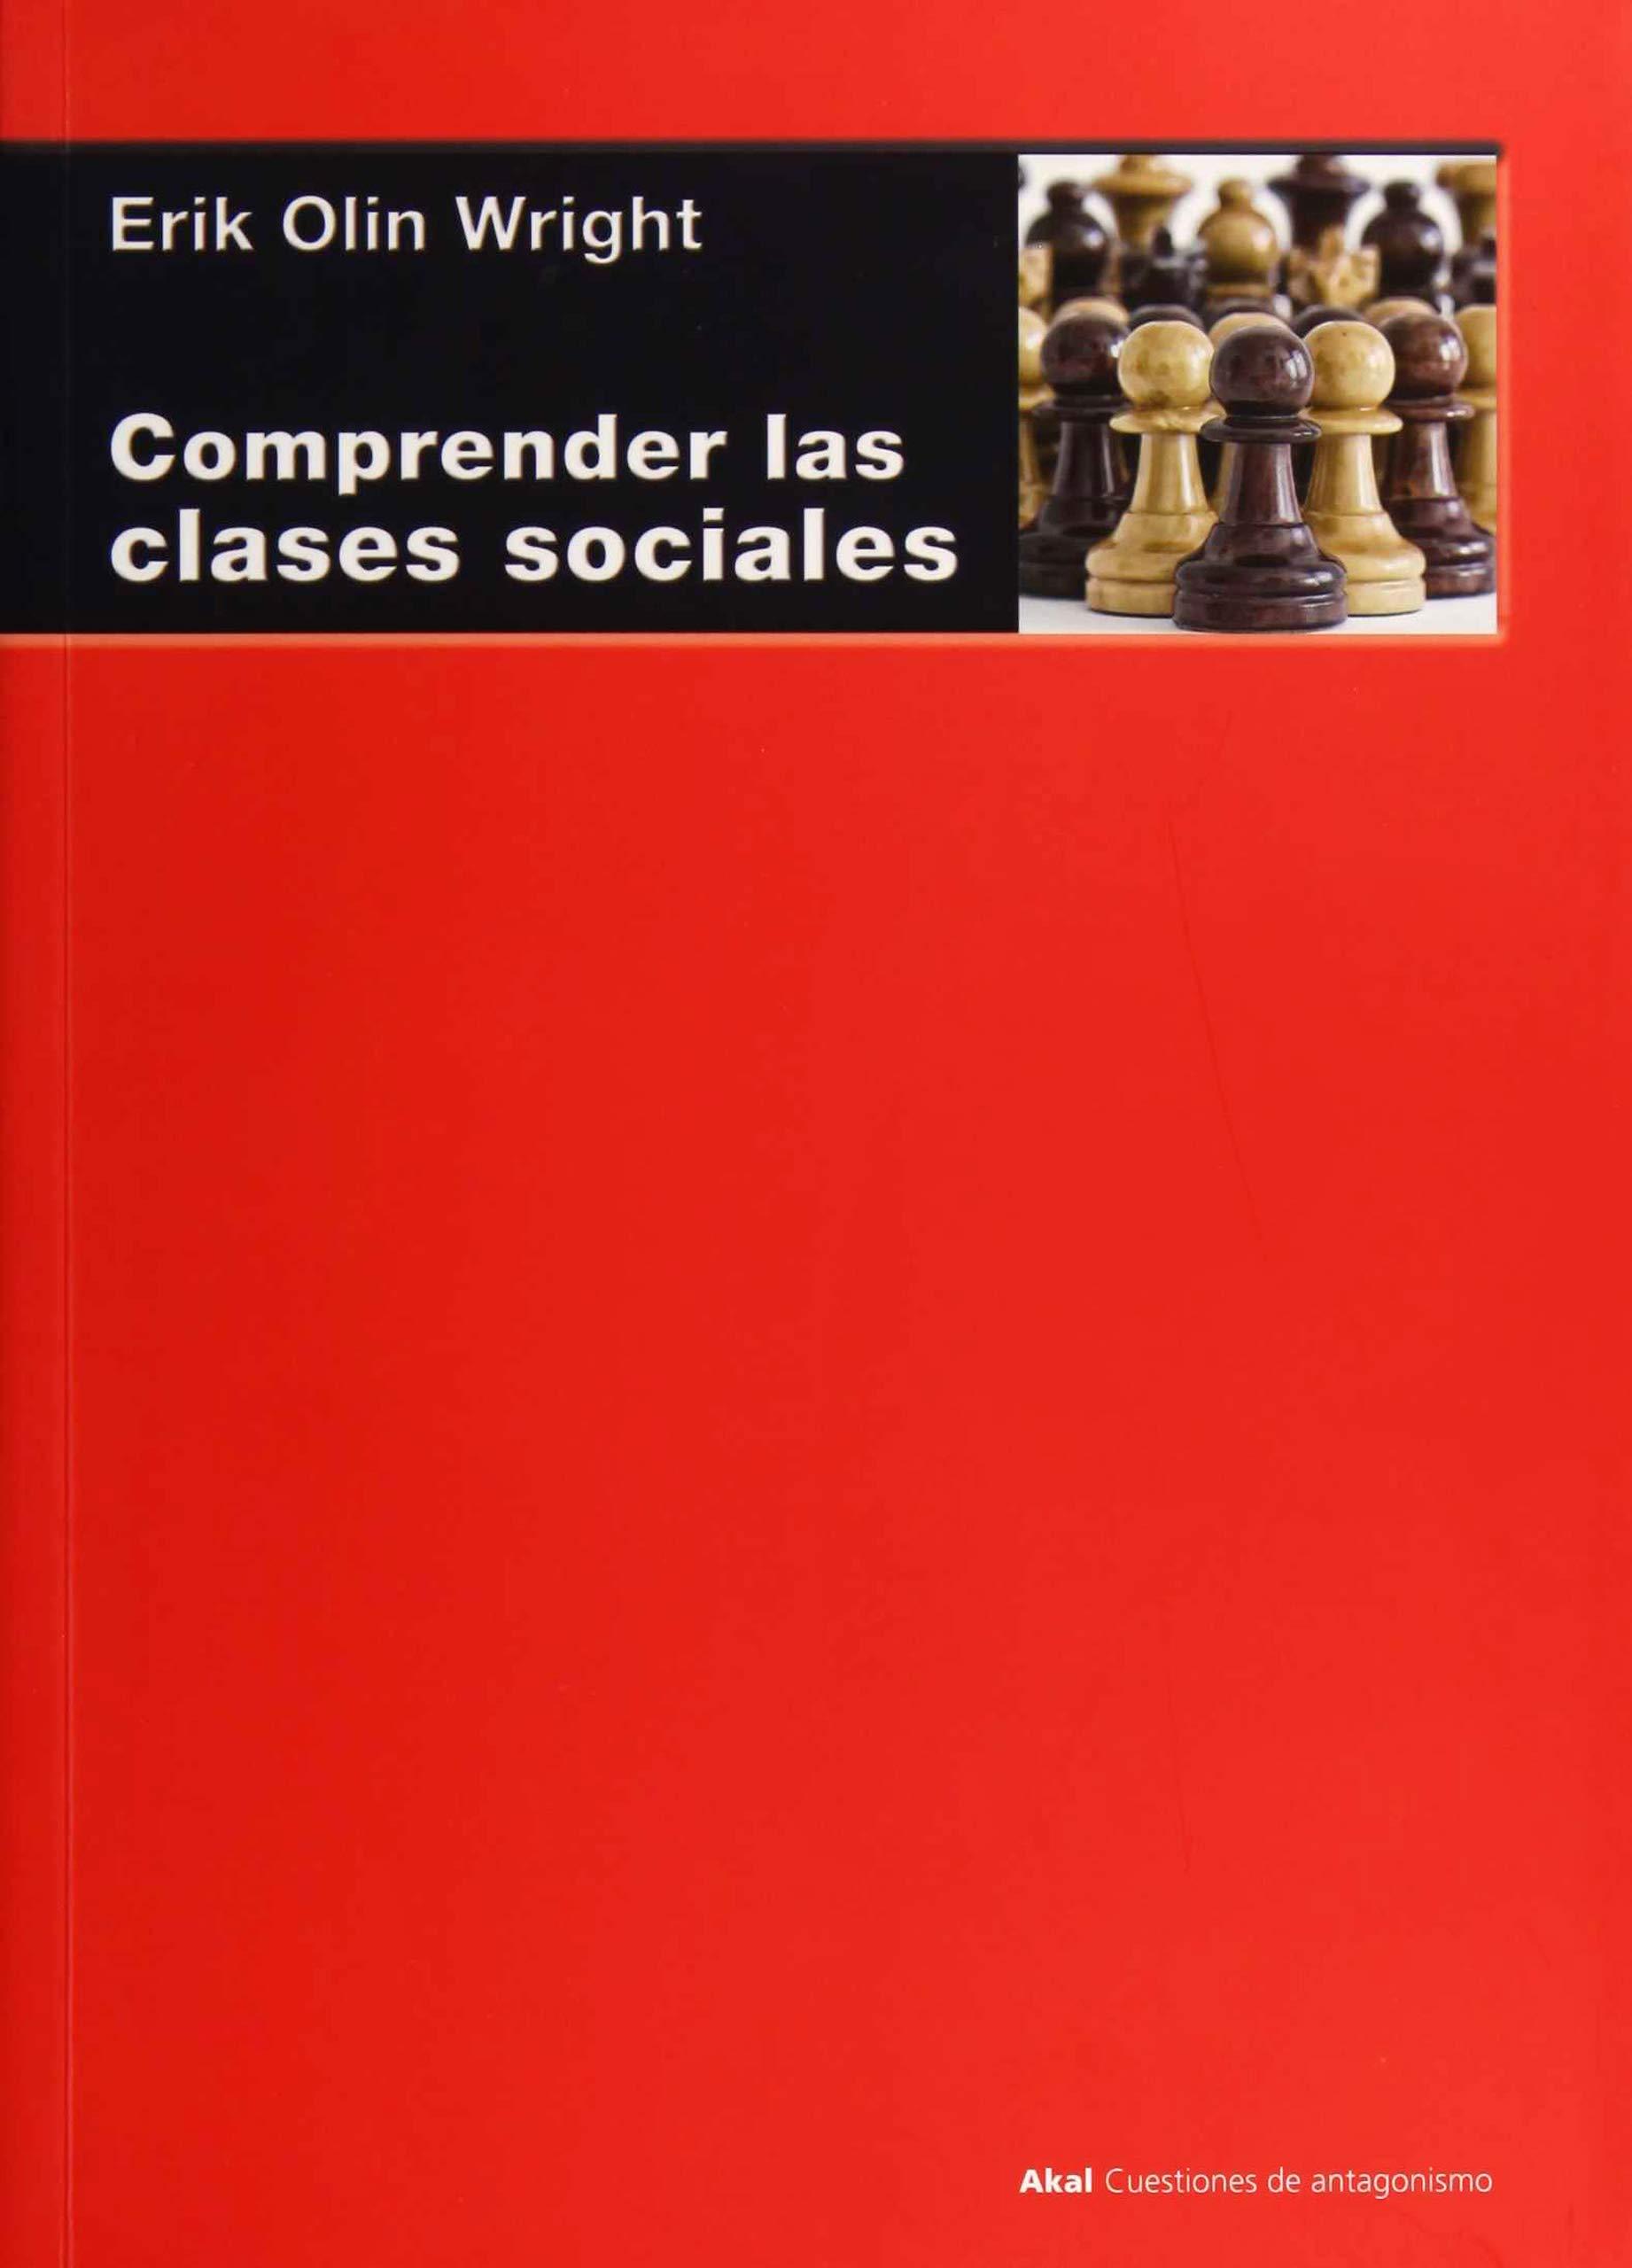 Comprender las clases sociales: 101 Cuestiones de Antagonismo: Amazon.es: Wright, Erik Olin, Cotarelo García, Ramón: Libros